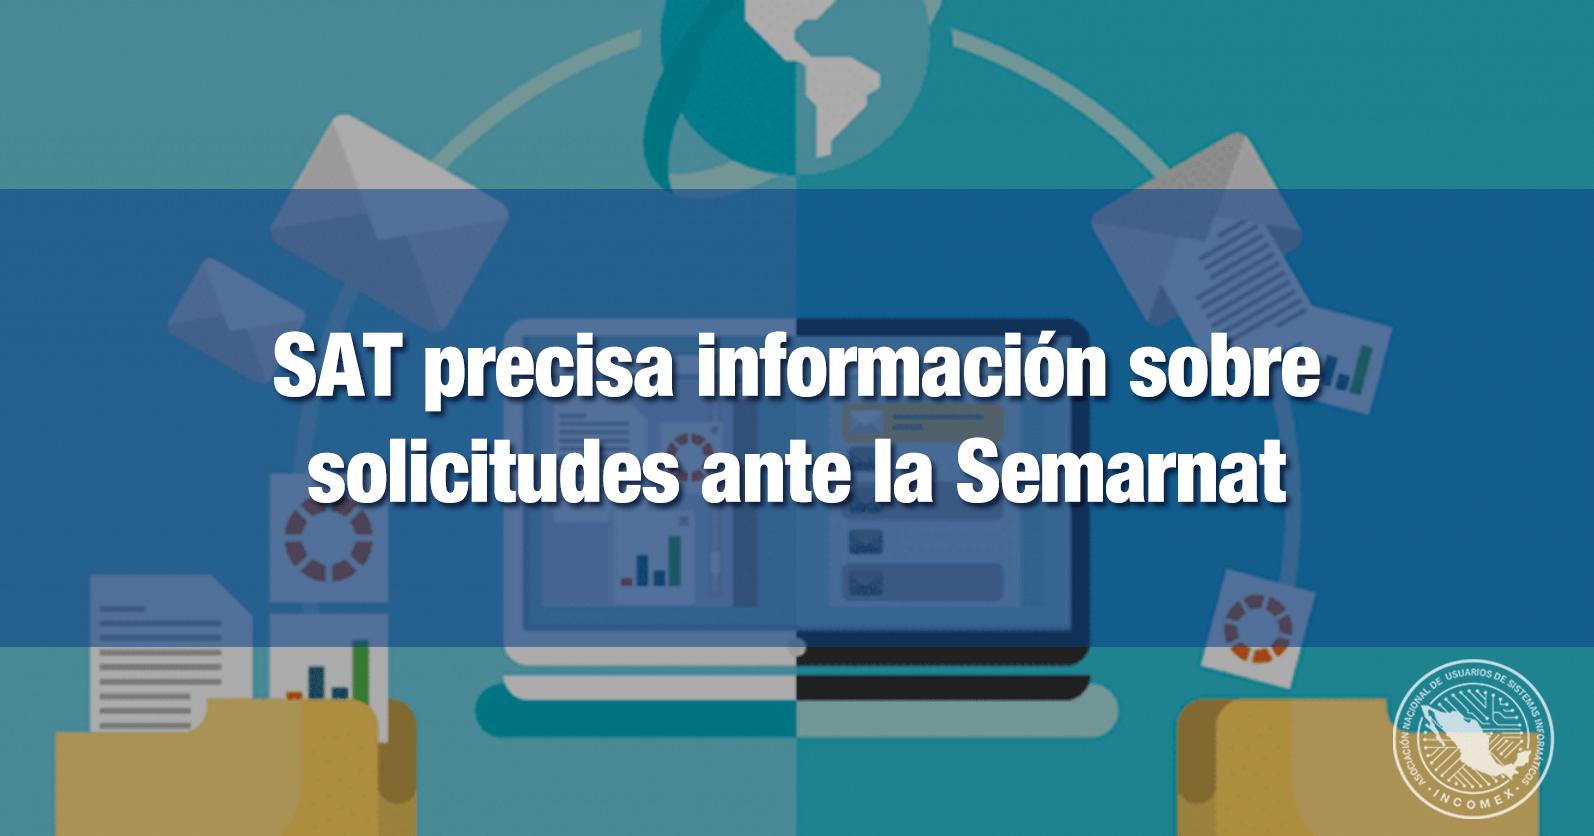 SAT precisa información sobre solicitudes ante la Semarnat